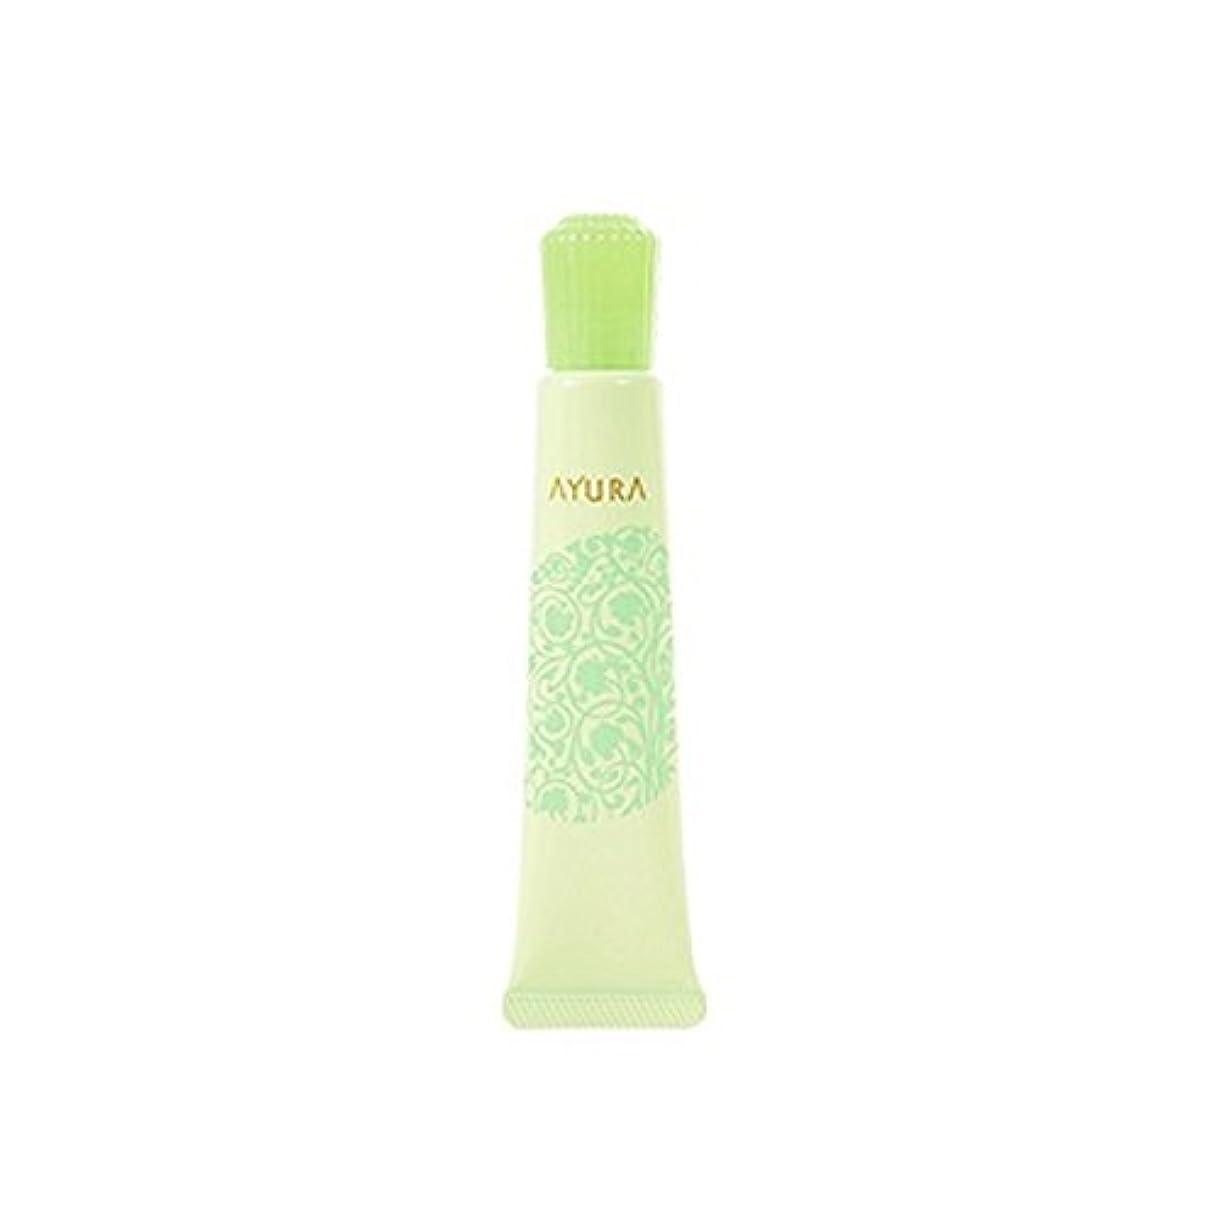 歩く起業家と闘うアユーラ (AYURA) ハンドオアシス 〈ハンド用美容液〉 アロマティックハーブとユーカリの軽やかな香り